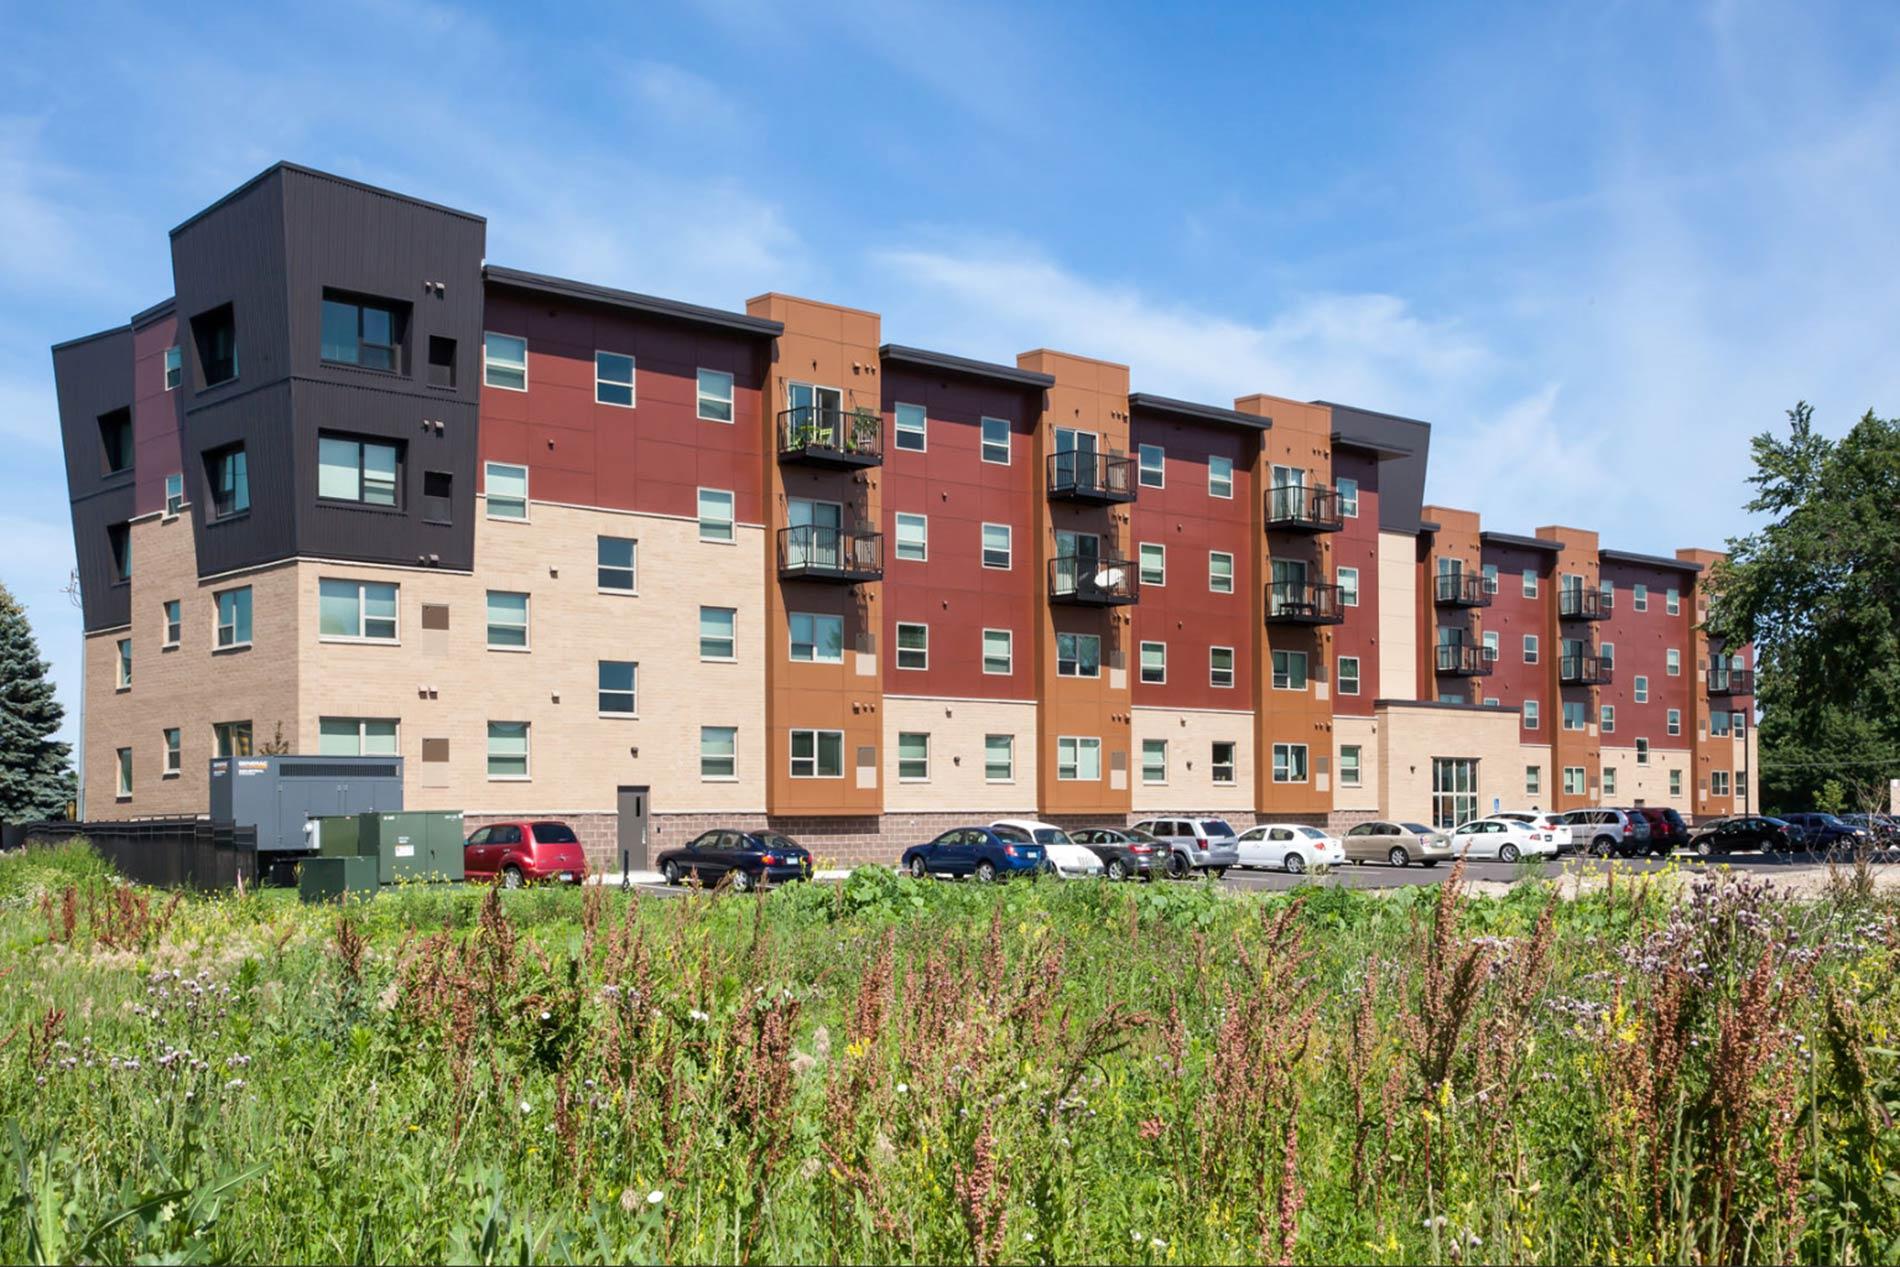 1st Avenue Flats Architecture